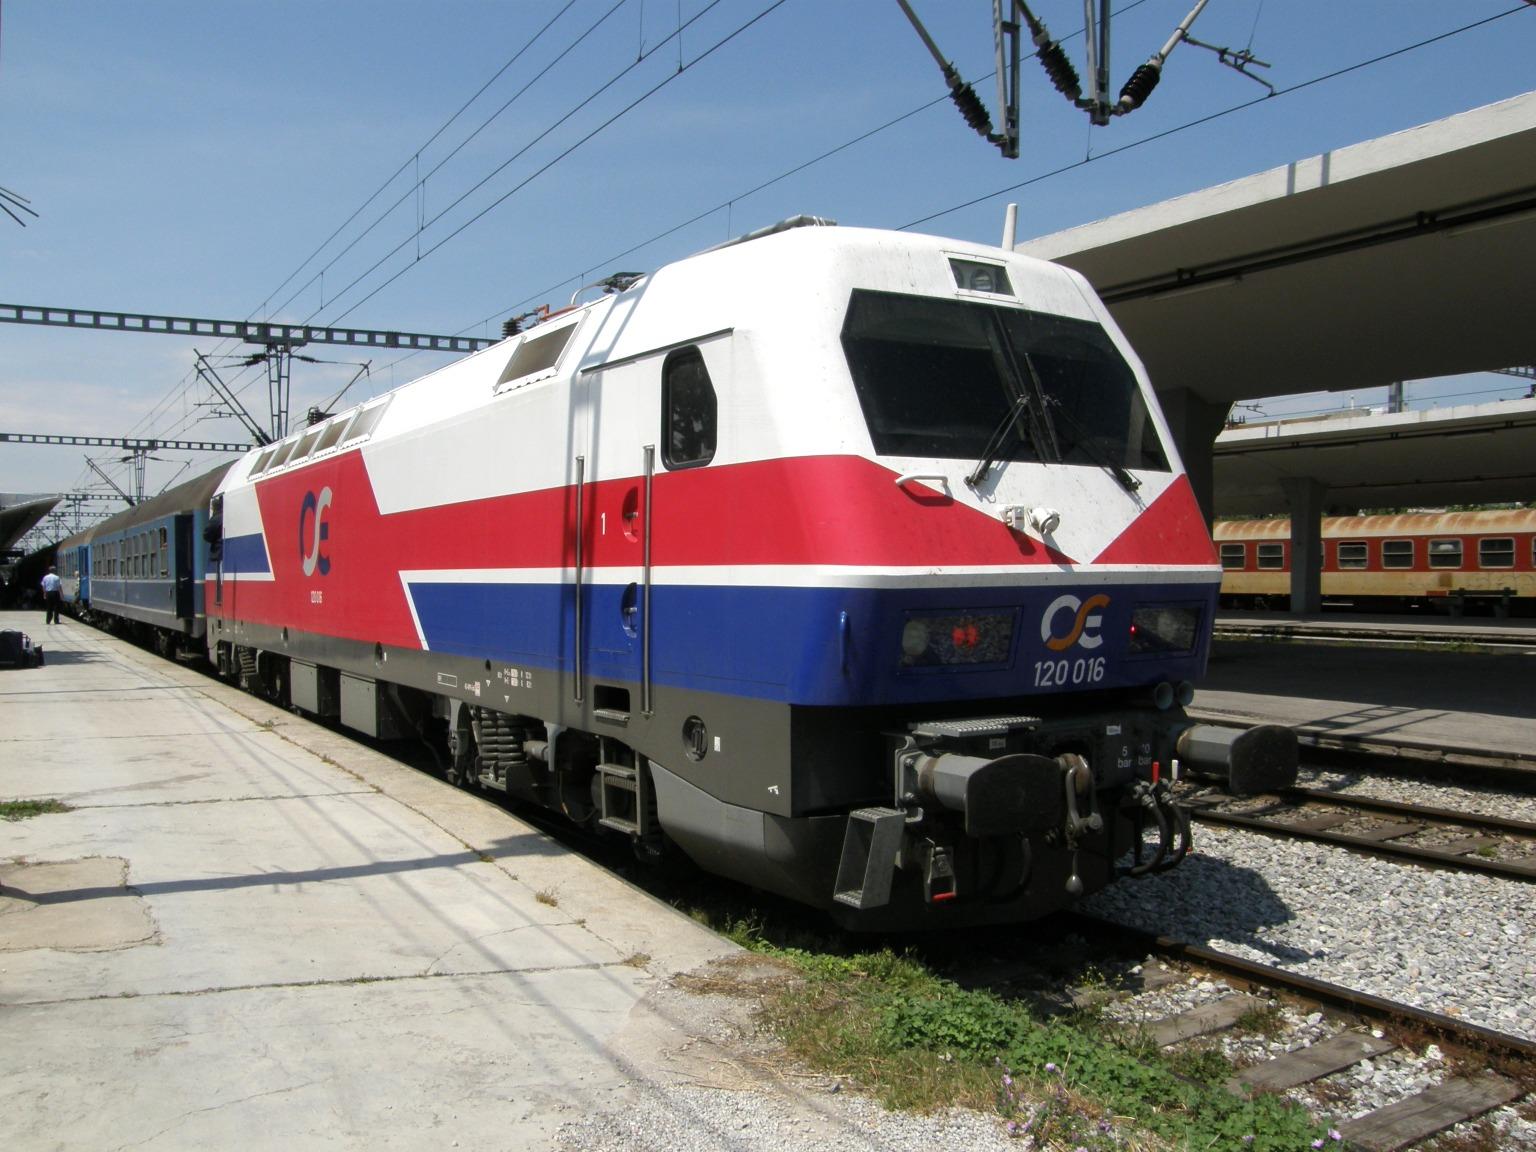 Πέντε ισχυροί μνηστήρες για το σιδηροδρομικό δίκτυο